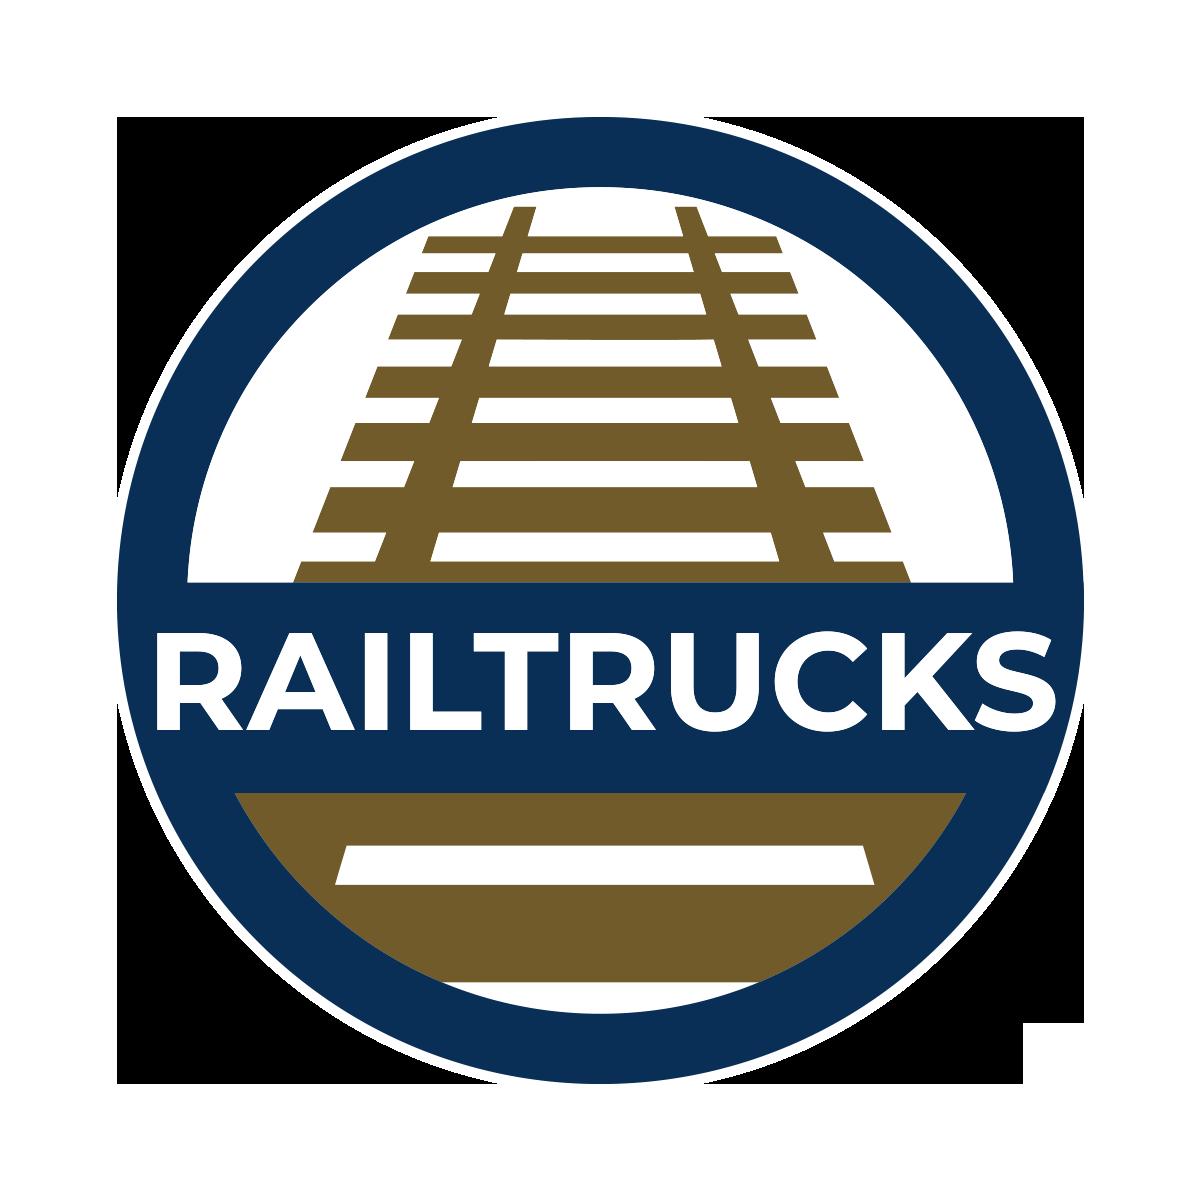 RailTrucks.com